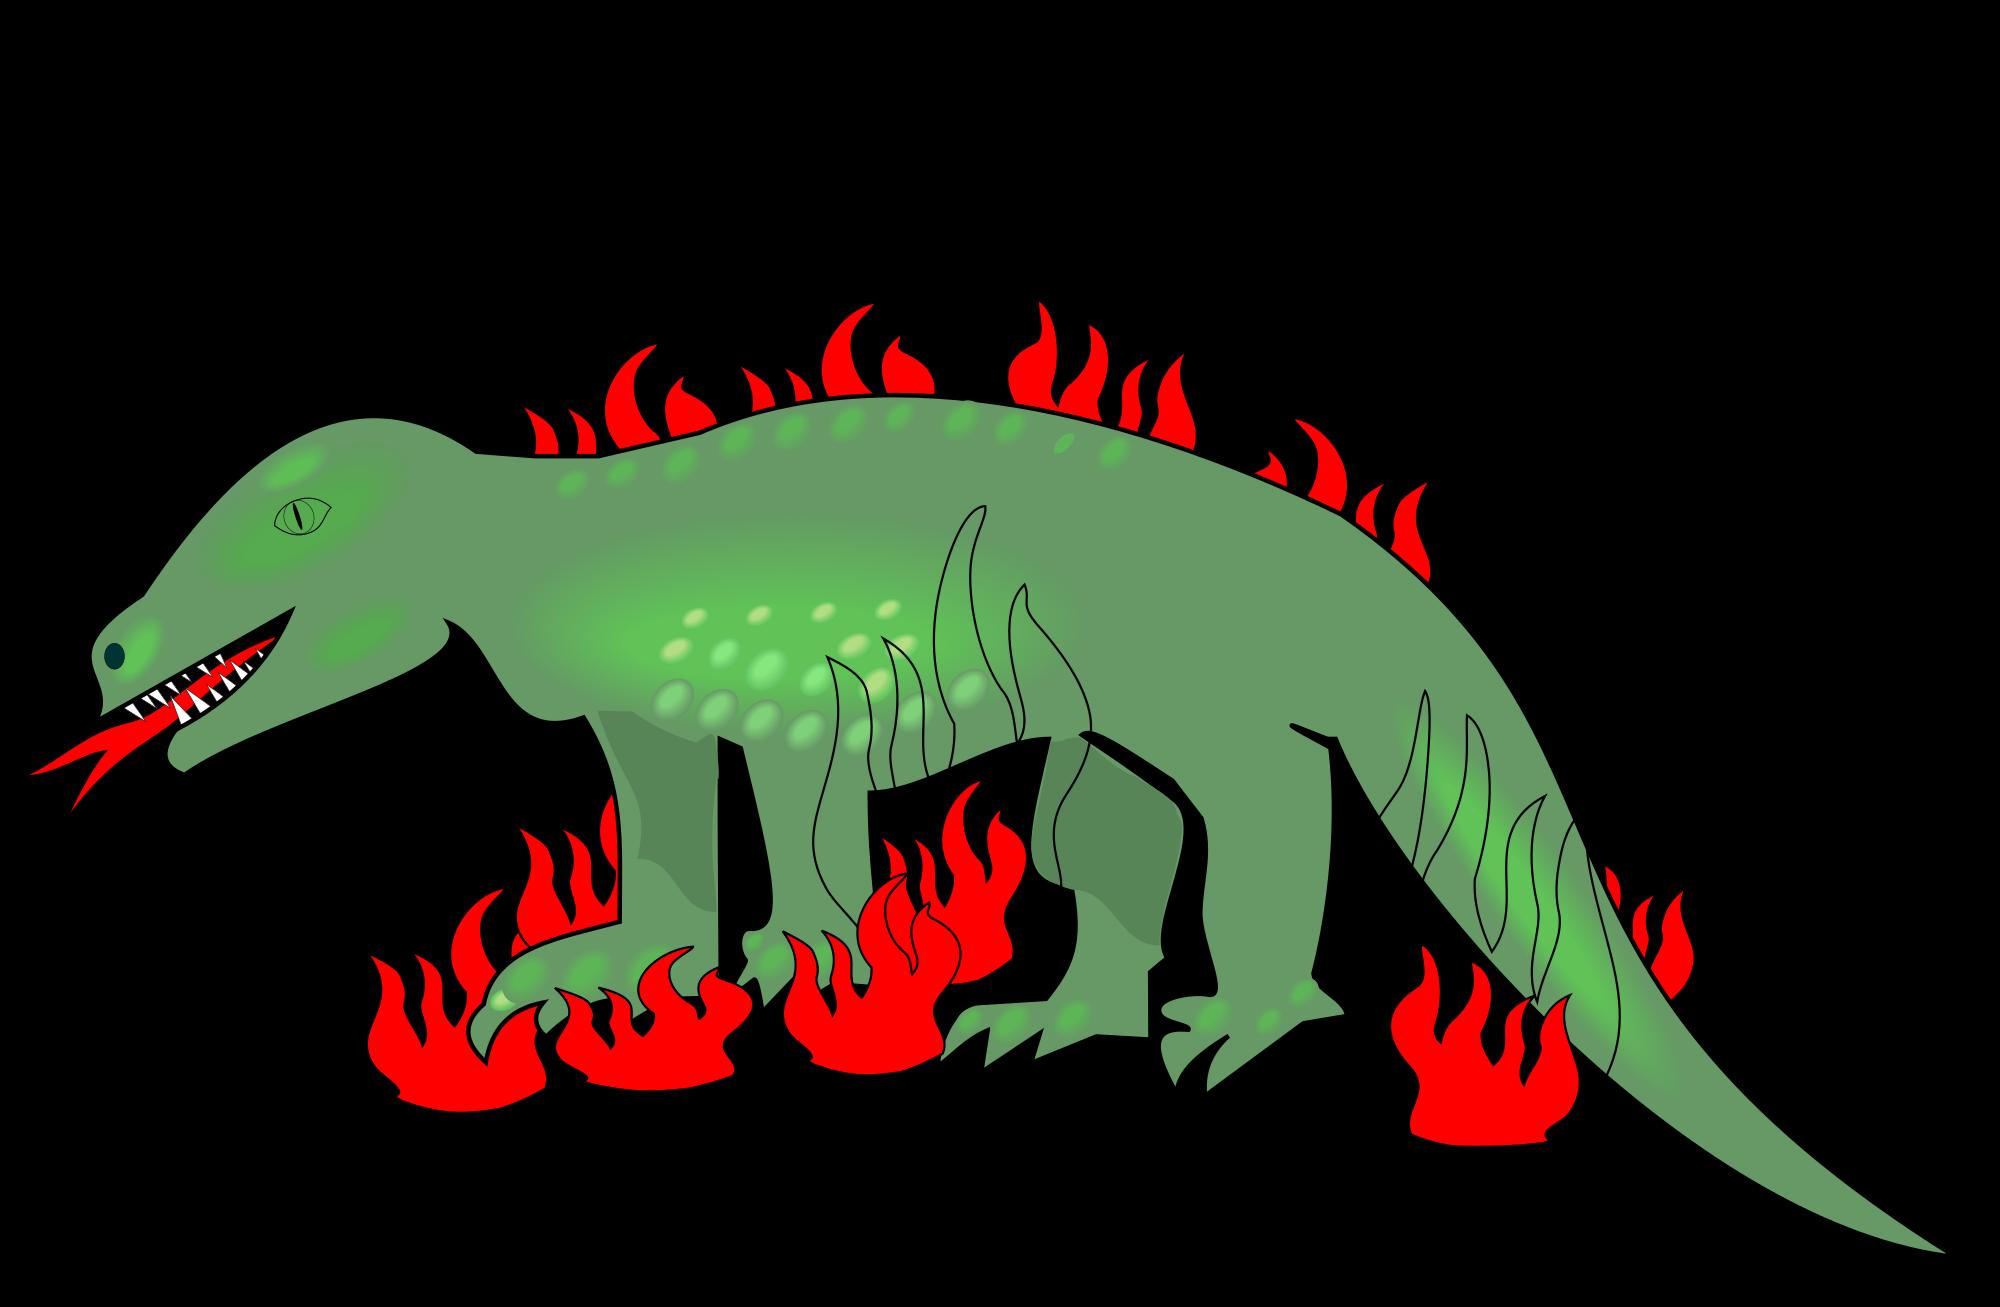 Salamander svg #16, Download drawings